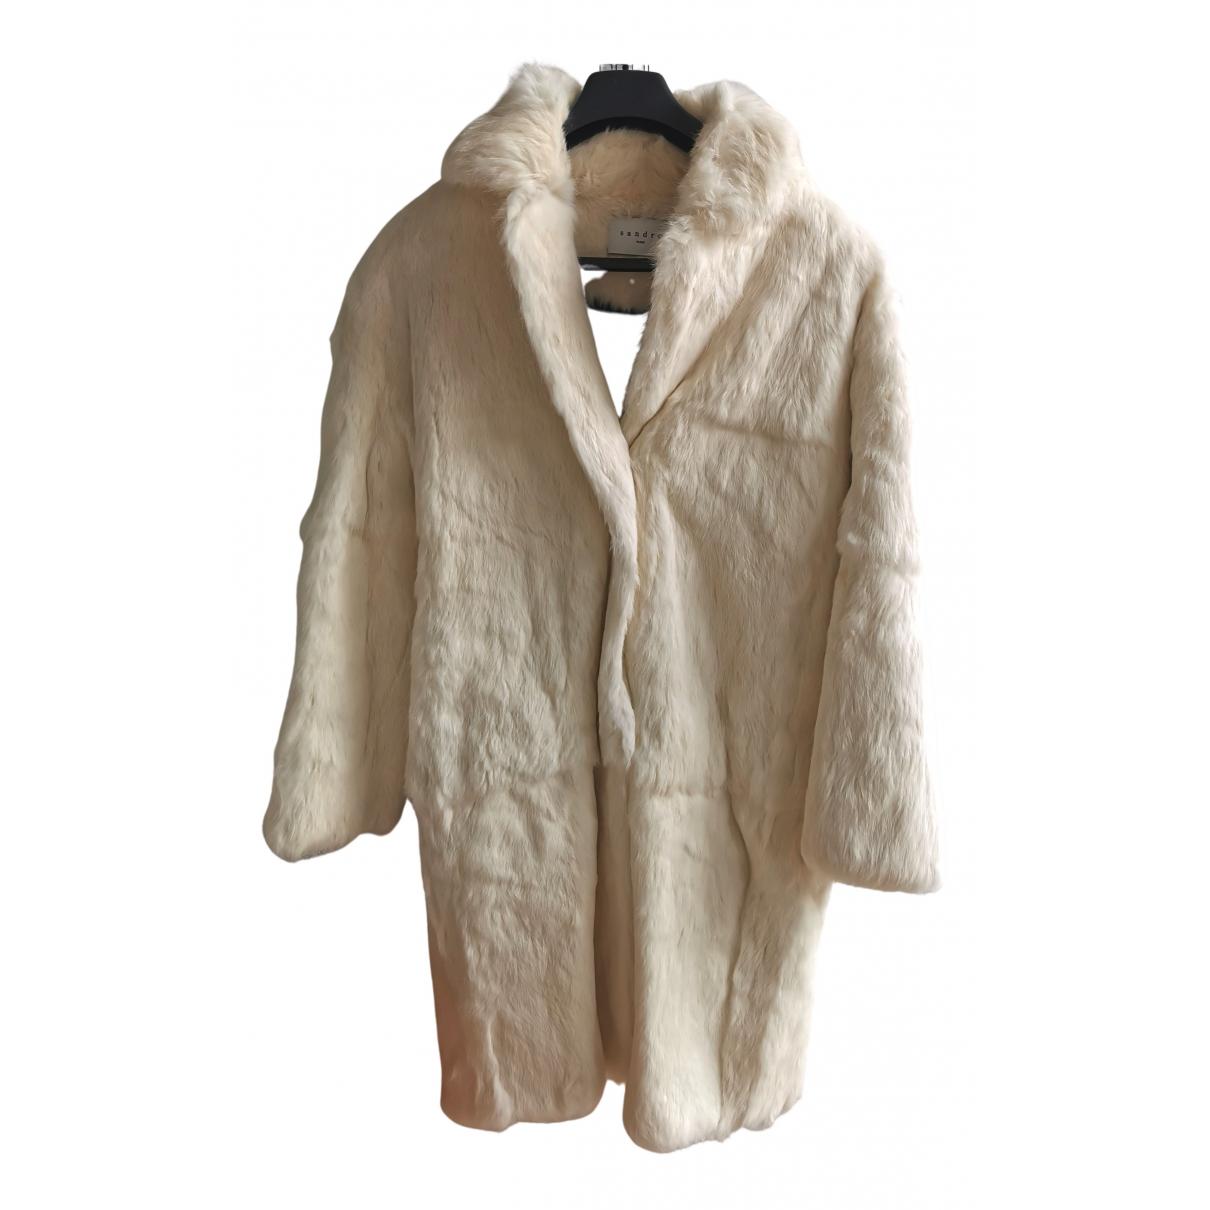 Sandro \N Rabbit coat for Women 1 0-5